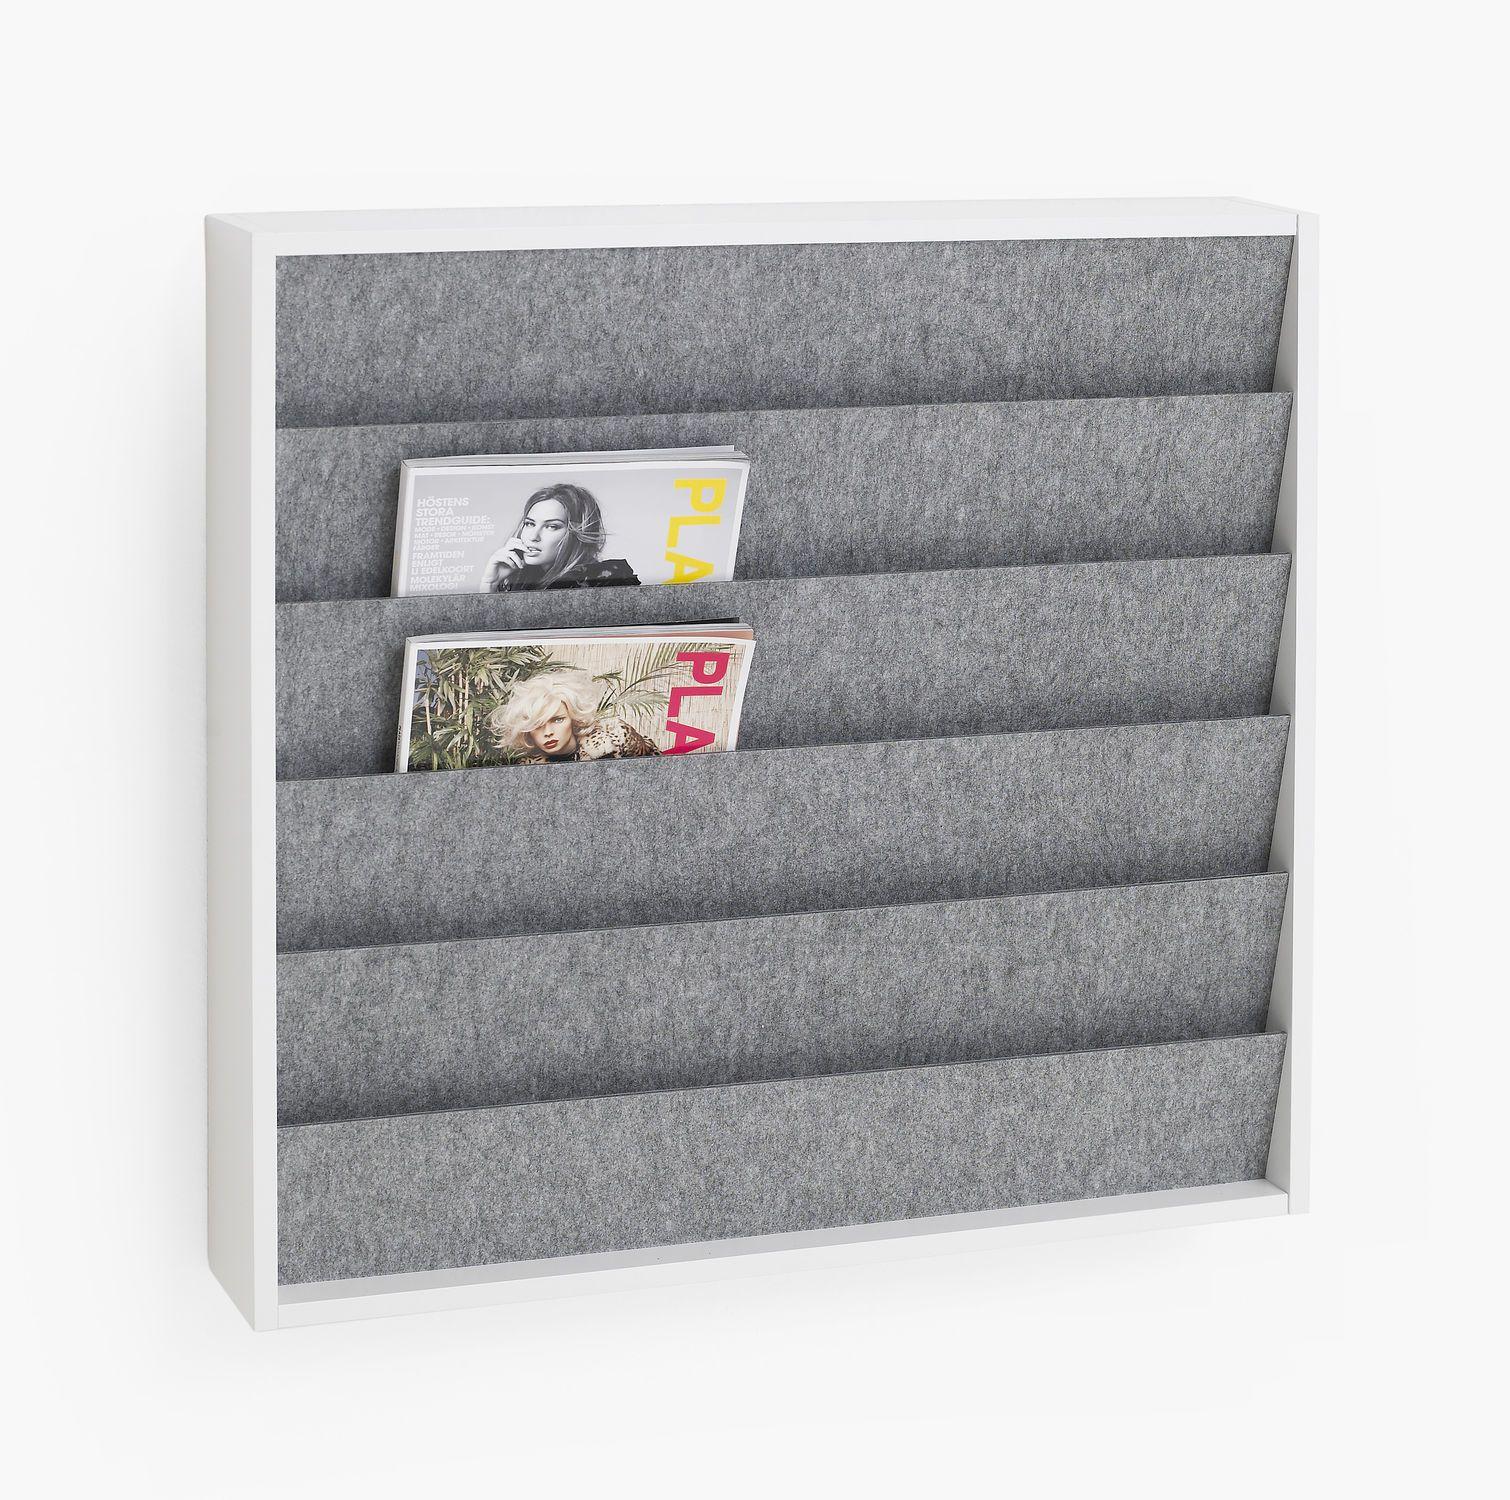 wall mounted brochure display - Recherche Google